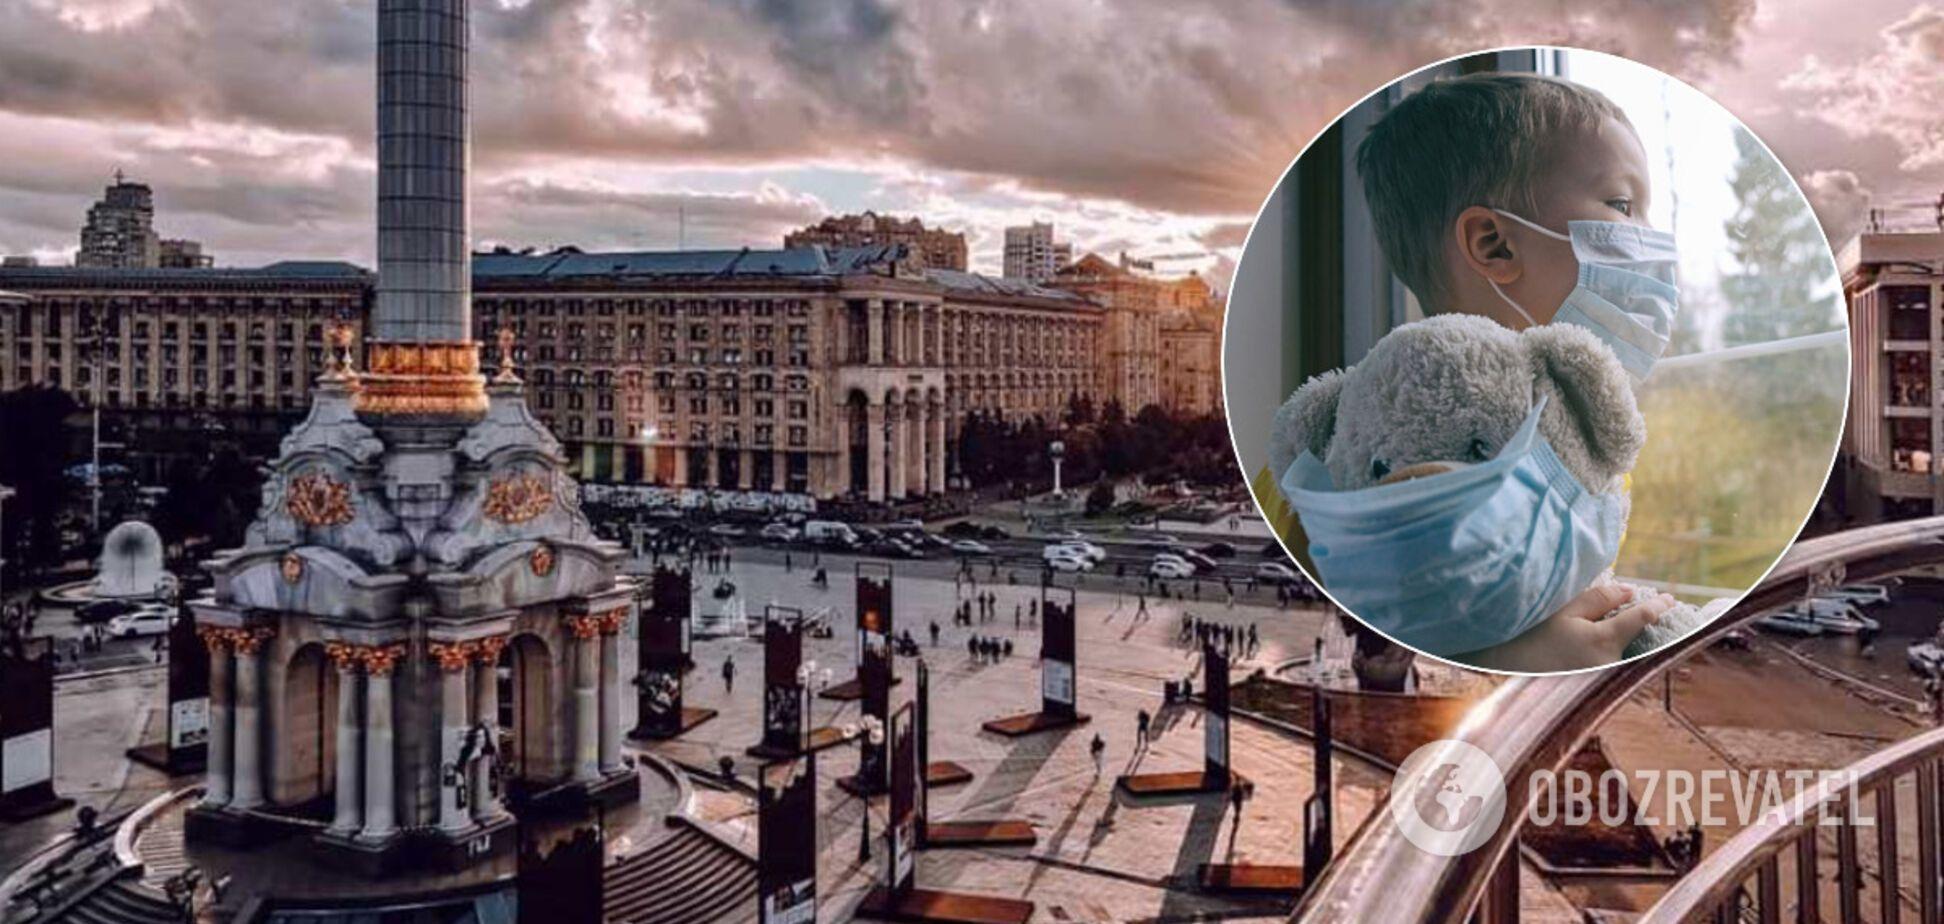 У Києві майже 1300 осіб заразилися коронавірусом. Ілюстрація